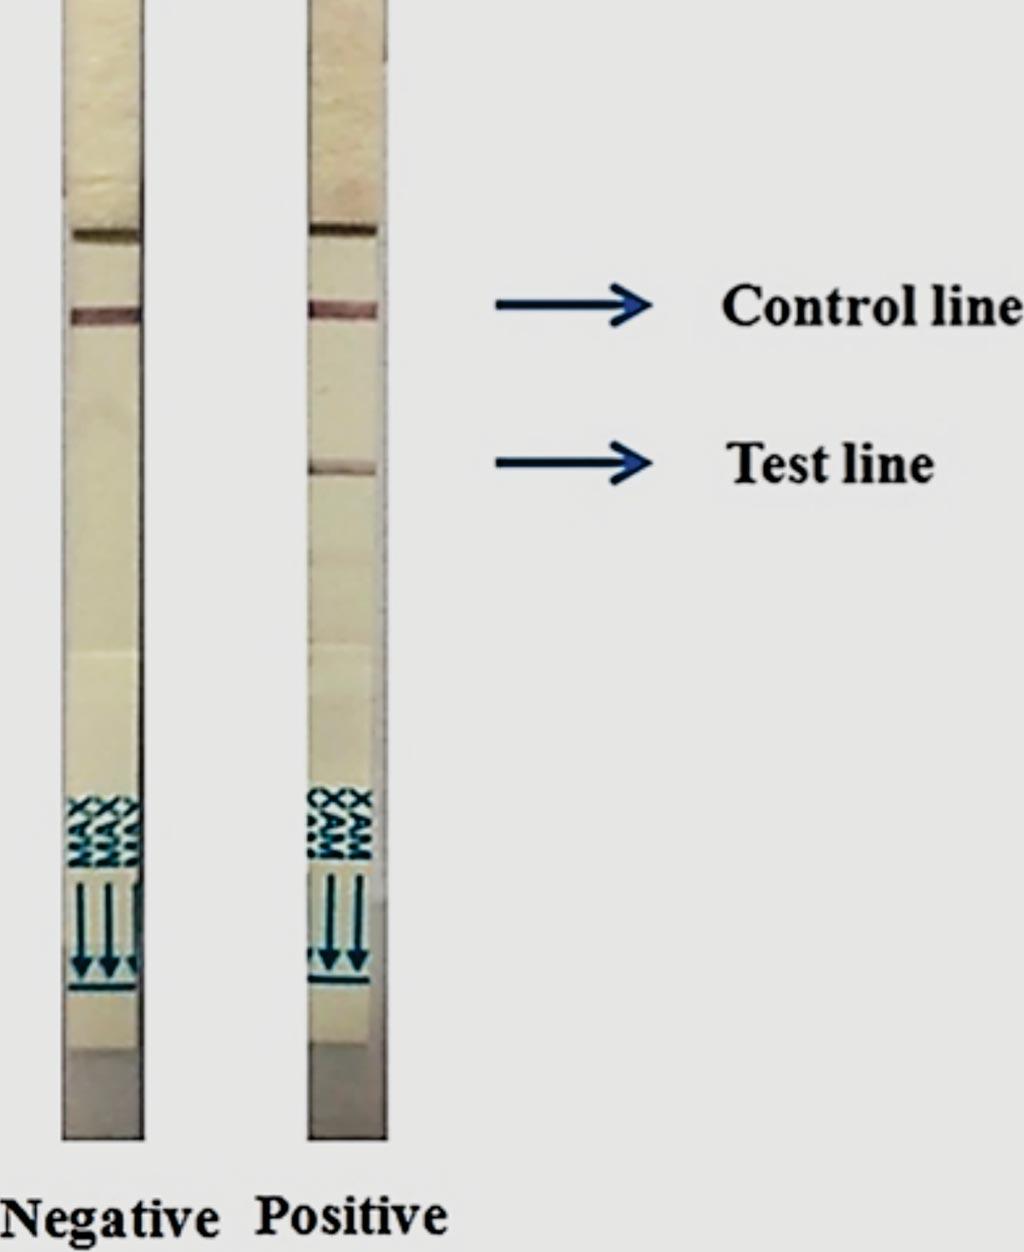 Imagen: Dos tiras reactivas Cholkit que muestran los resultados negativos característicos (imagen izquierda) y positivos (imagen derecha) después de 15 minutos de procesamiento (Fotografía cortesía del Centro Internacional para la Investigación de Enfermedades Diarreicas).